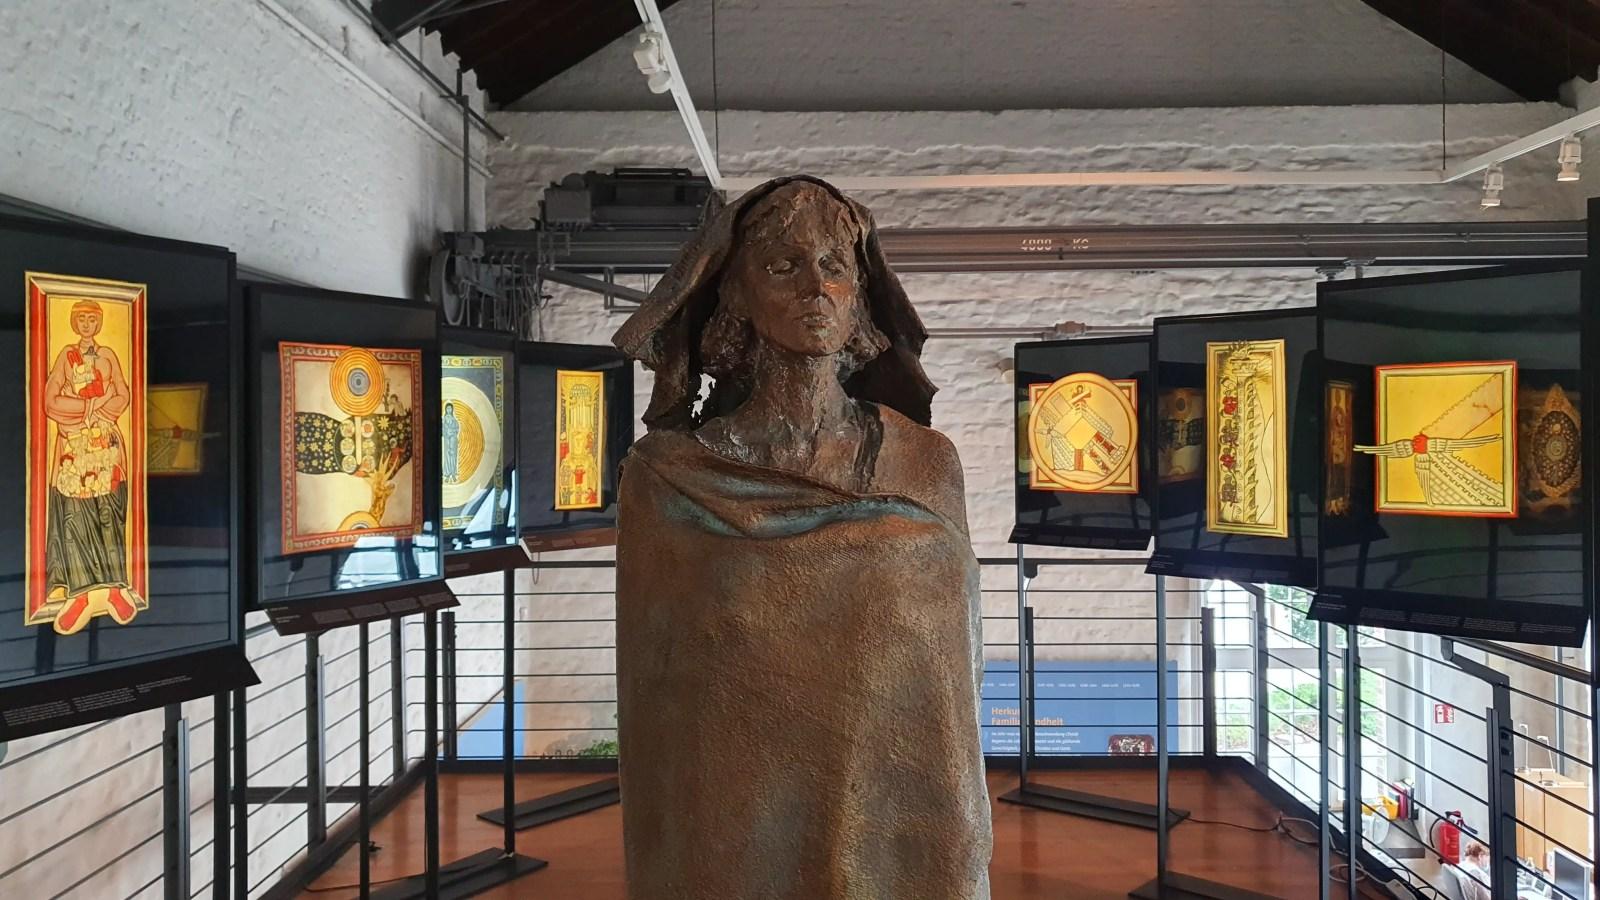 Hildegard von Bingen, Bingen am Rhein, Sehenswürdigkeiten von Bingen, Museum am Strom